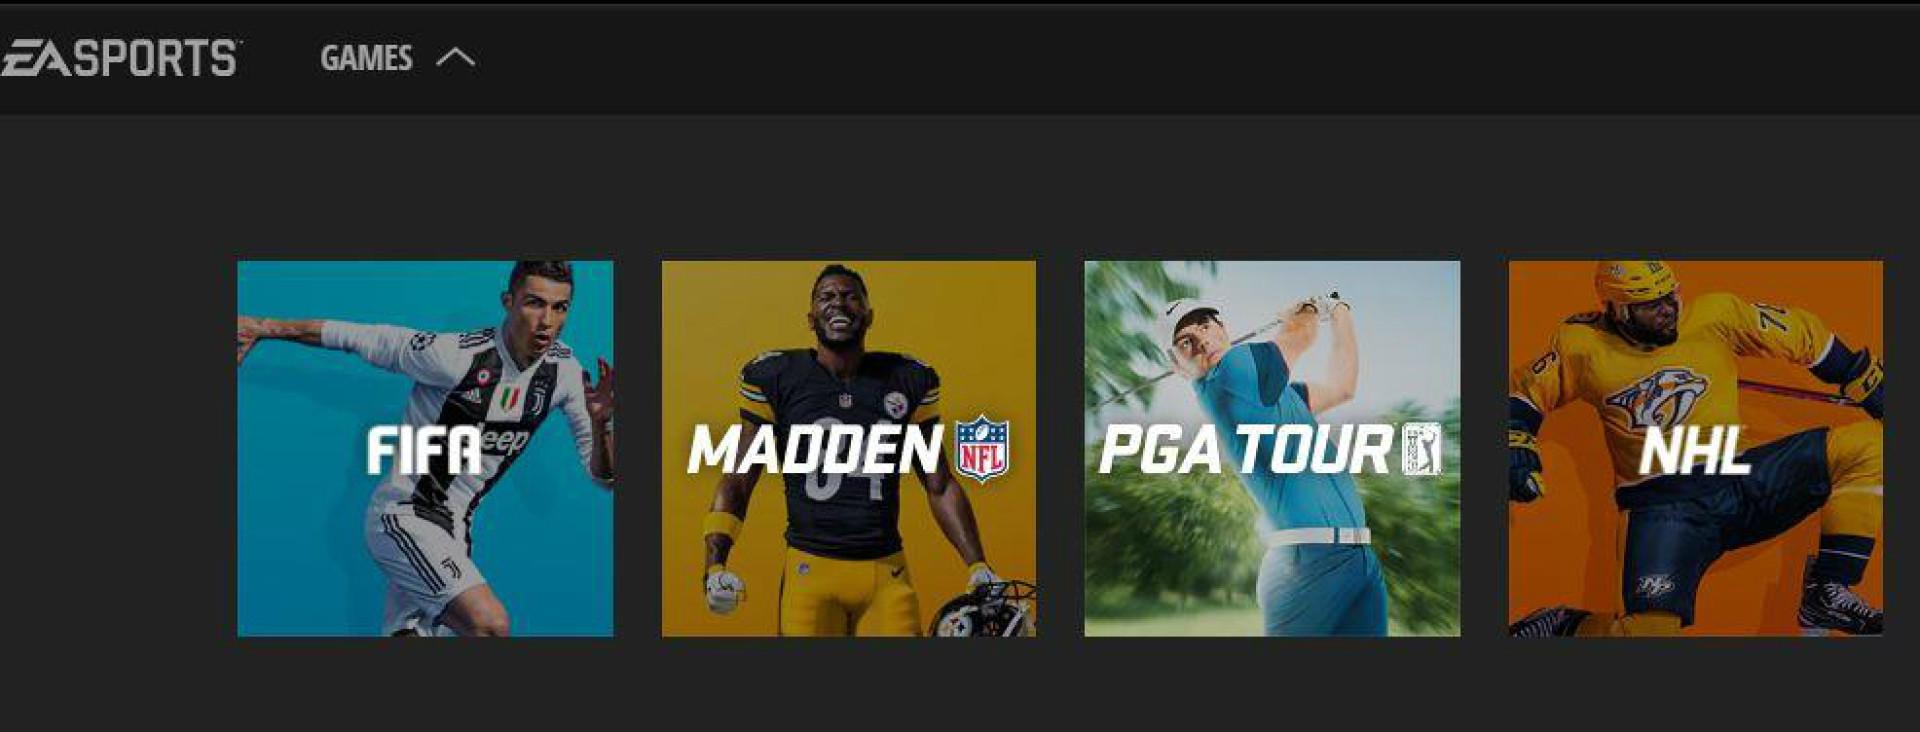 EA Sports retirou a imagem de Cristiano Ronaldo do site